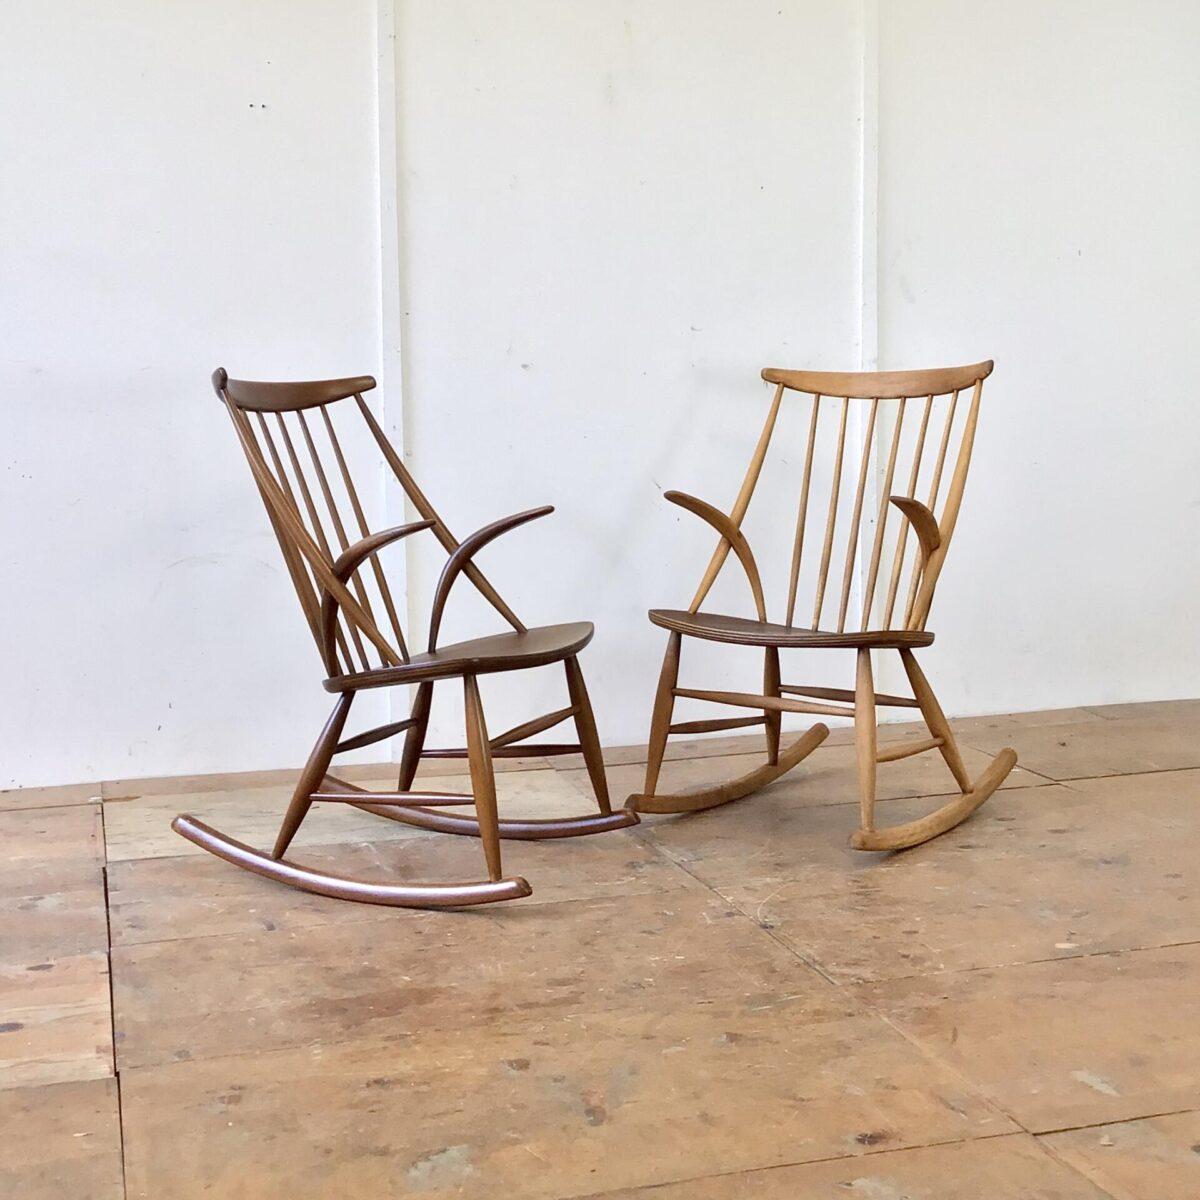 2 Schaukelstühle von Illum Wikkelso, hergestellt von Niels Eilersen 60er Jahre. Diese zwei midcentury Schaukelstühle aus Dänemark, sind aus Buchenholz die Sitzfläche ist mit Teak furniert. Der etwas dunklere ist in schönem Original Zustand, leichte Patina. Der hellere war in schlechtem Zustand. Wurde komplett geschliffen und geölt, und hat jetzt eine lebhafte warm-matte Ausstrahlung. Beide Stühle verfügen über ein Zertifikat unter der Sitzfläche und sind in Stabilem Zustand. Der Preis gilt pro Stuhl.